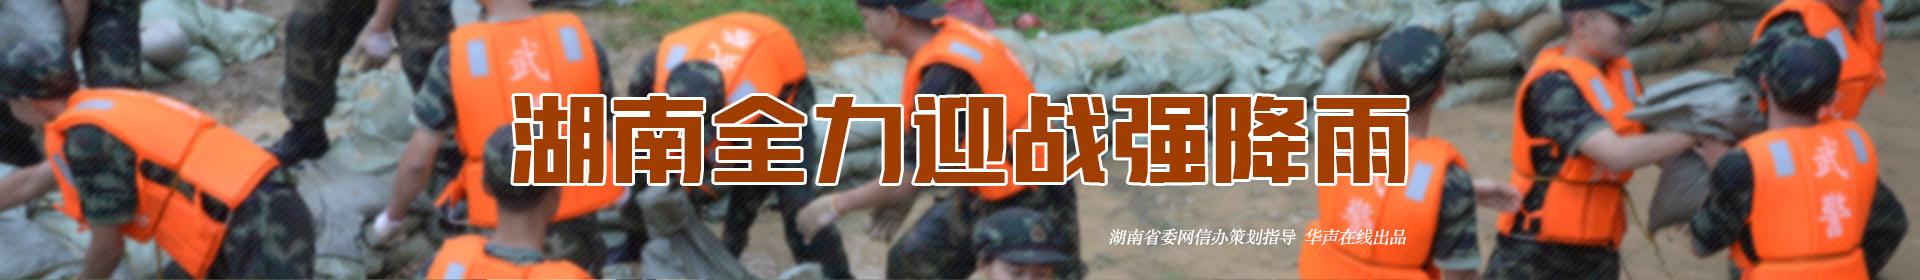 2017湖南防汛抗灾专题